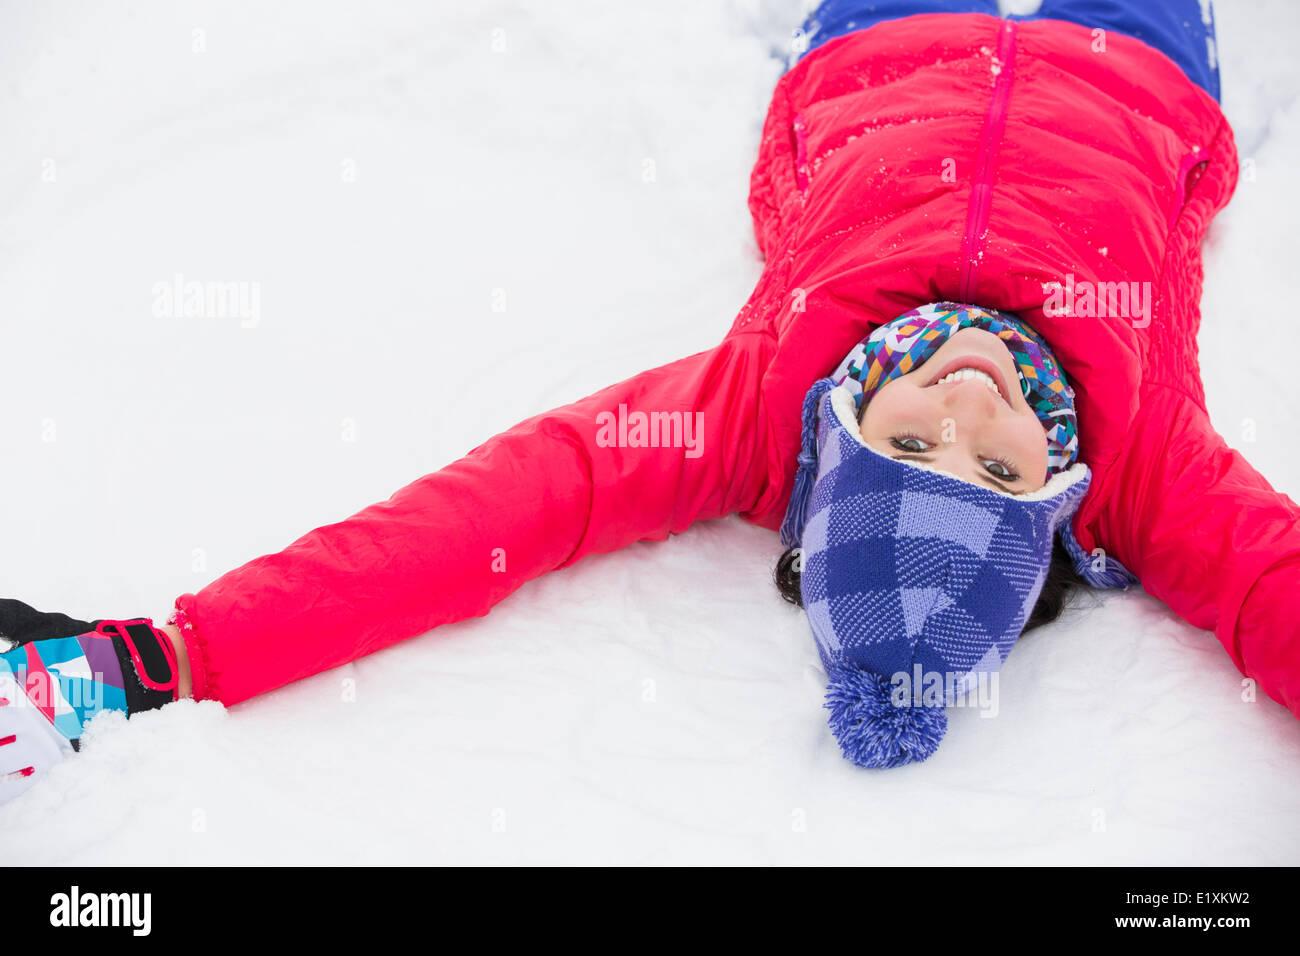 Retrato de mujer sonriente tumbado en la nieve Imagen De Stock